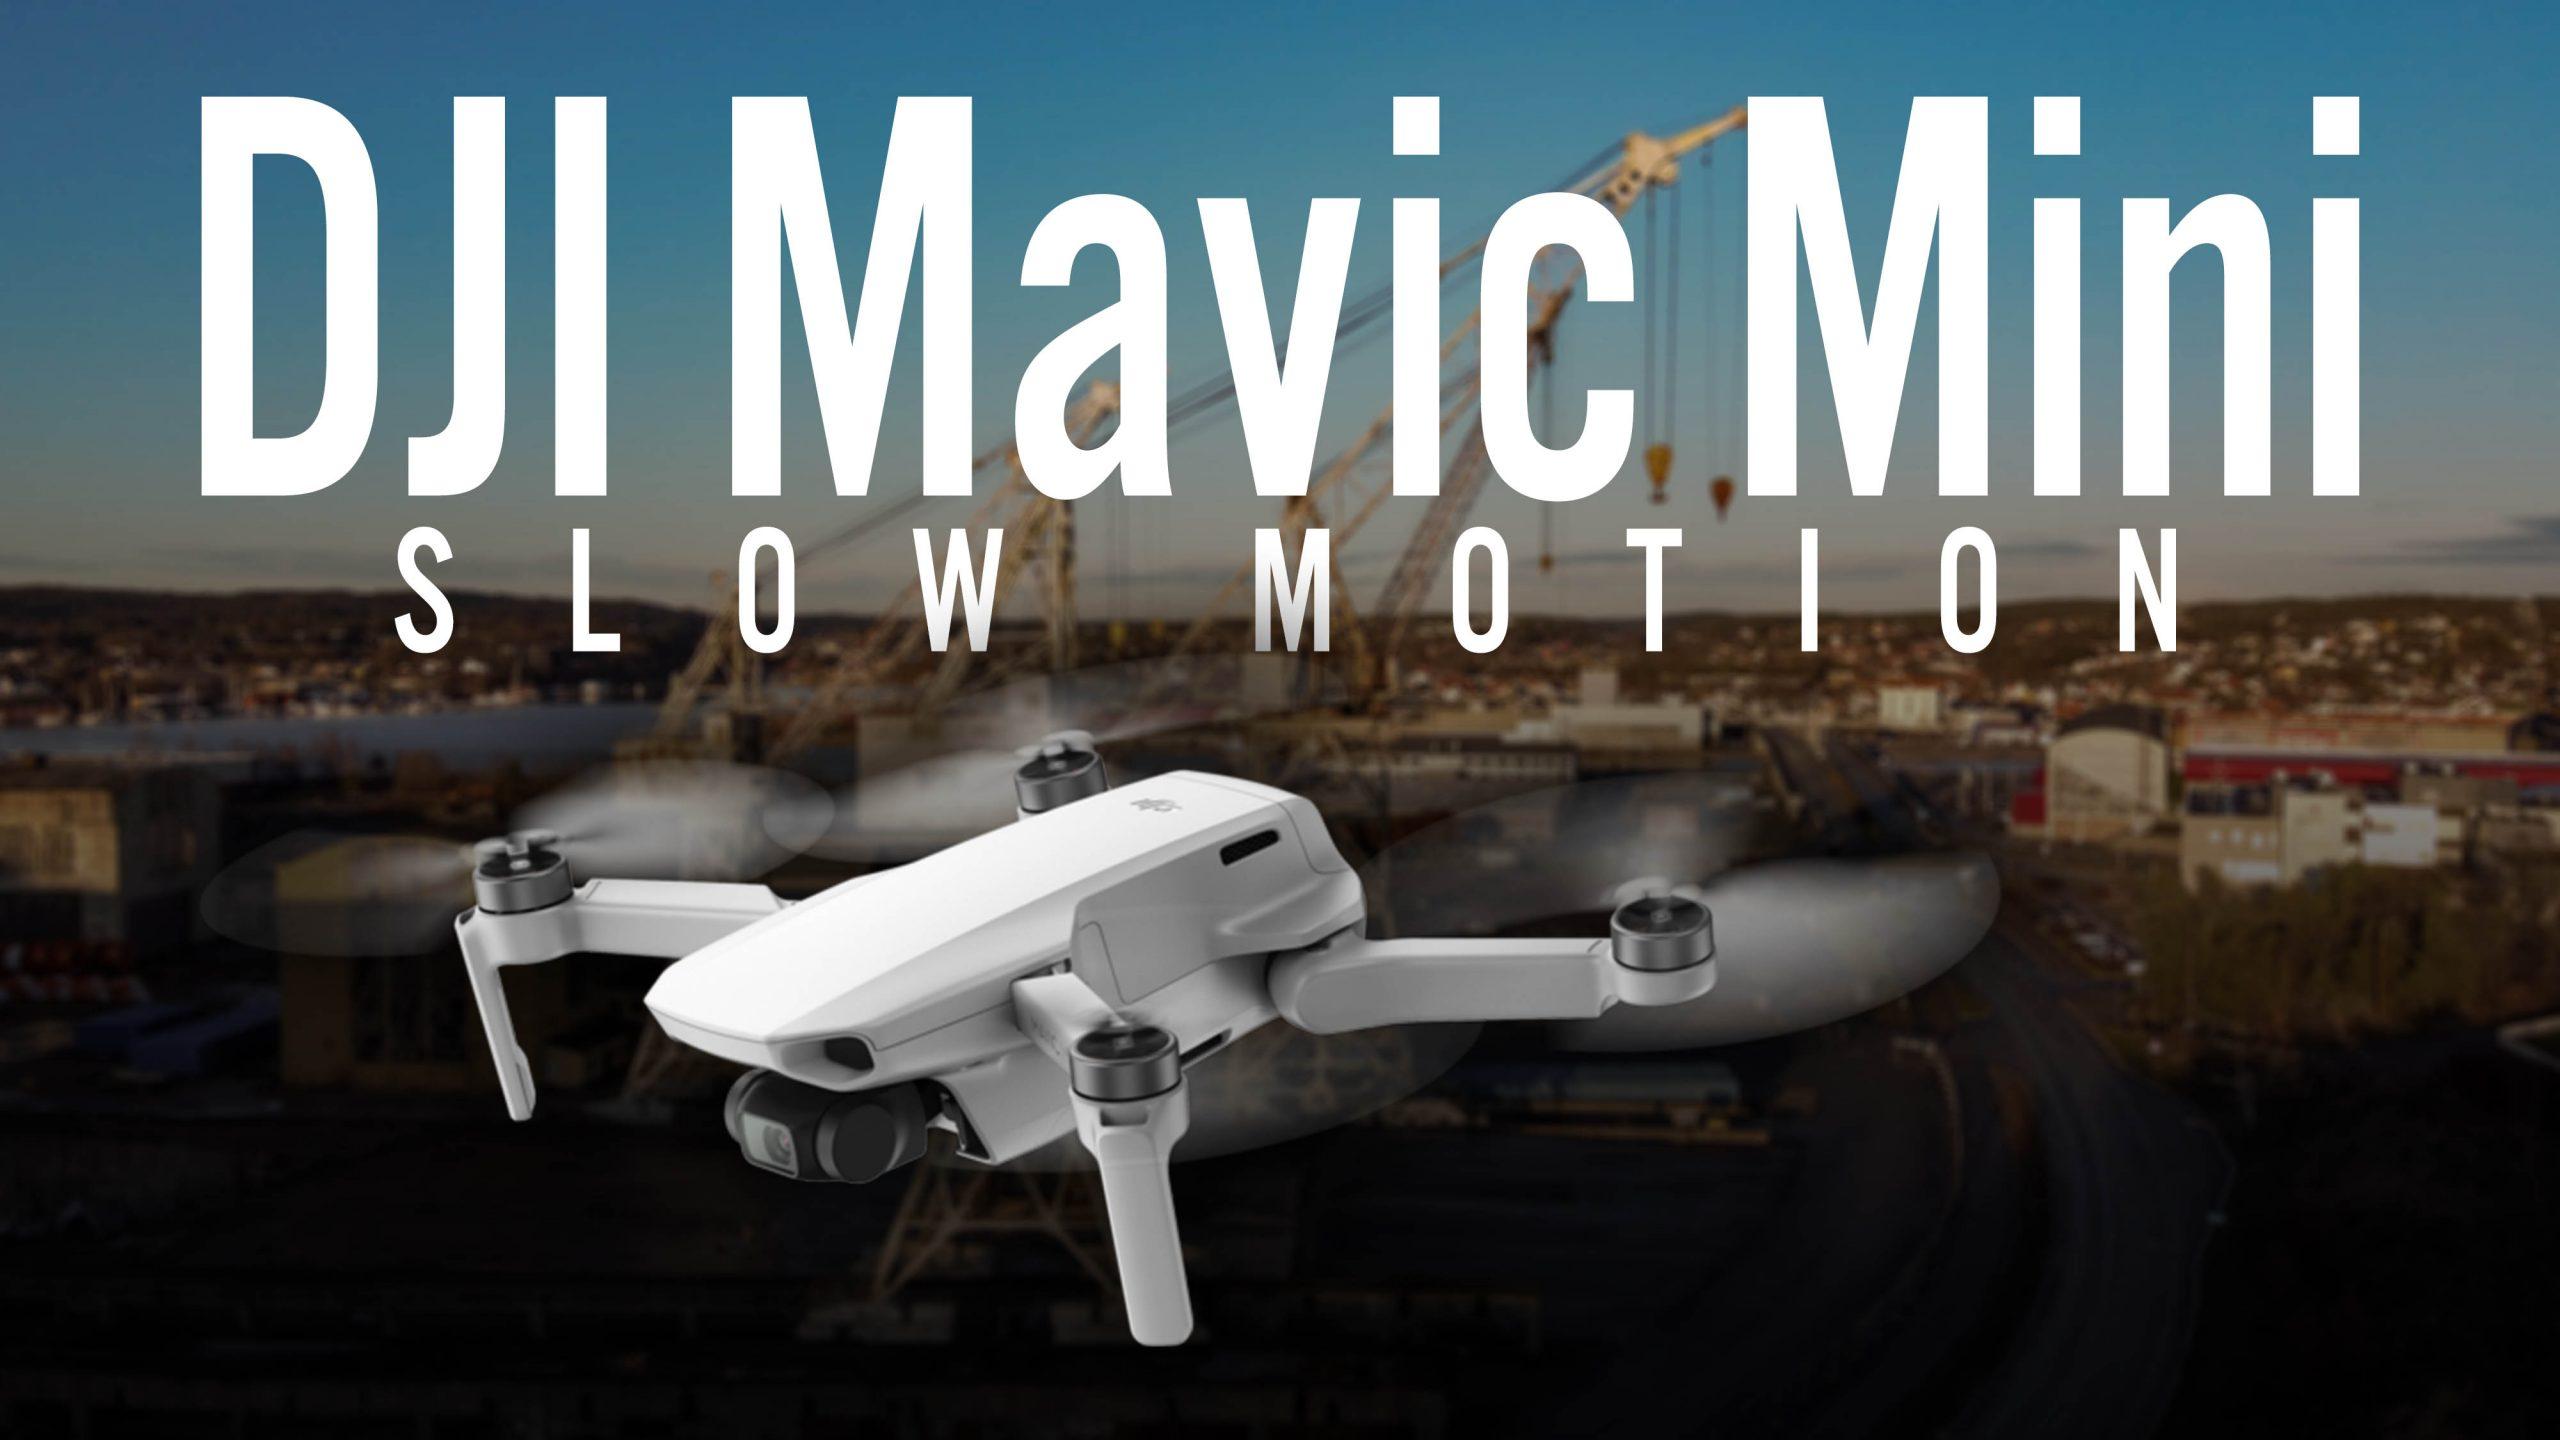 DJI Mavic Mini - Slow Motion